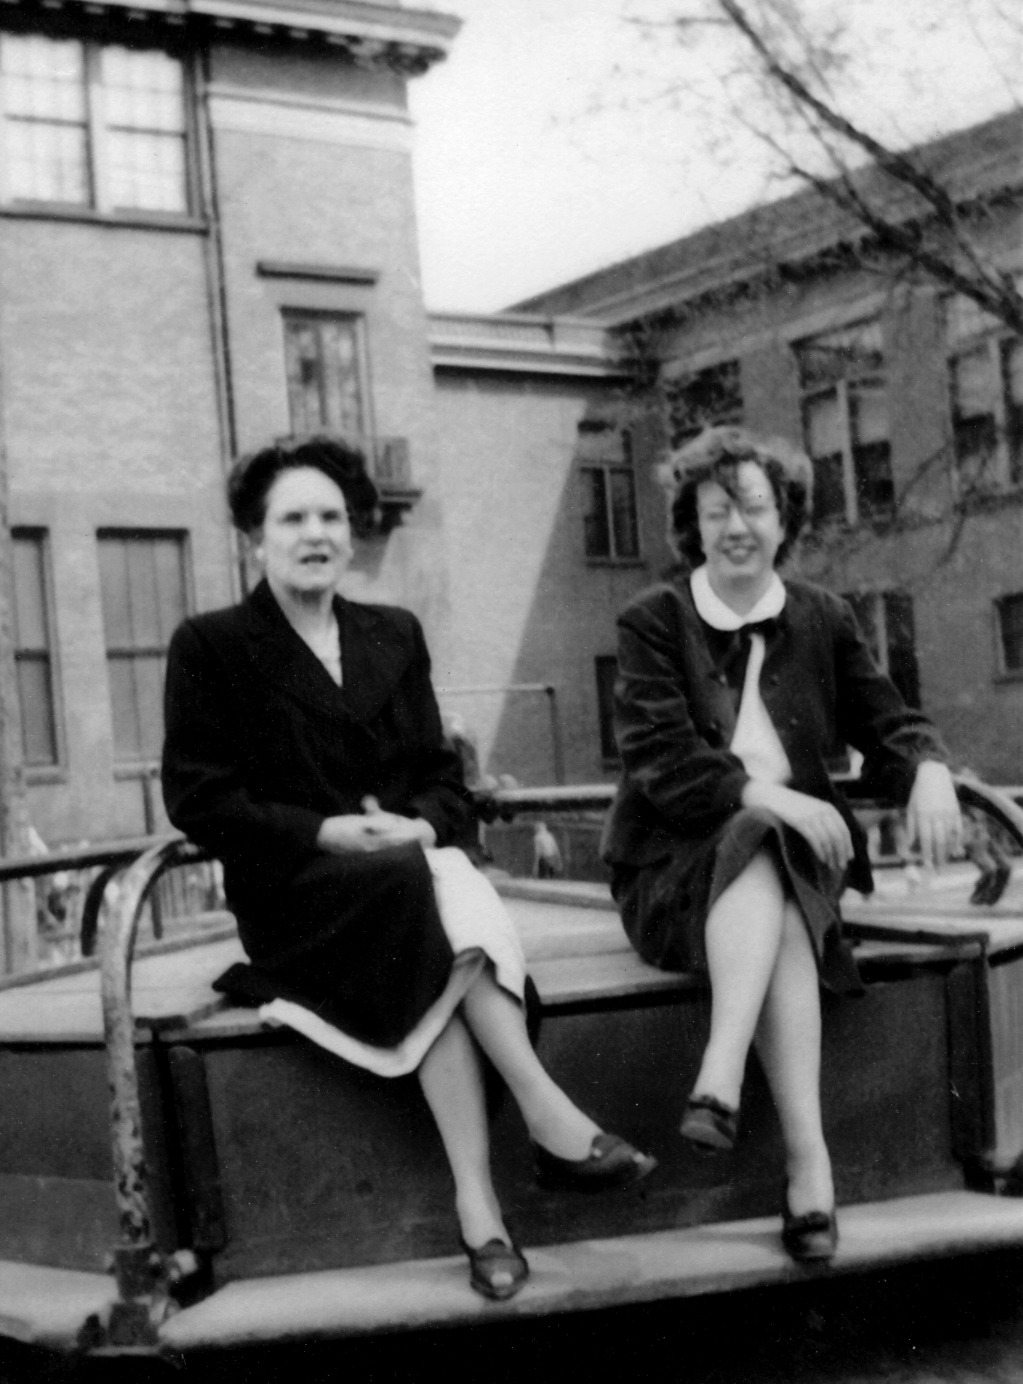 Beryl Ellian & Lois Loberg